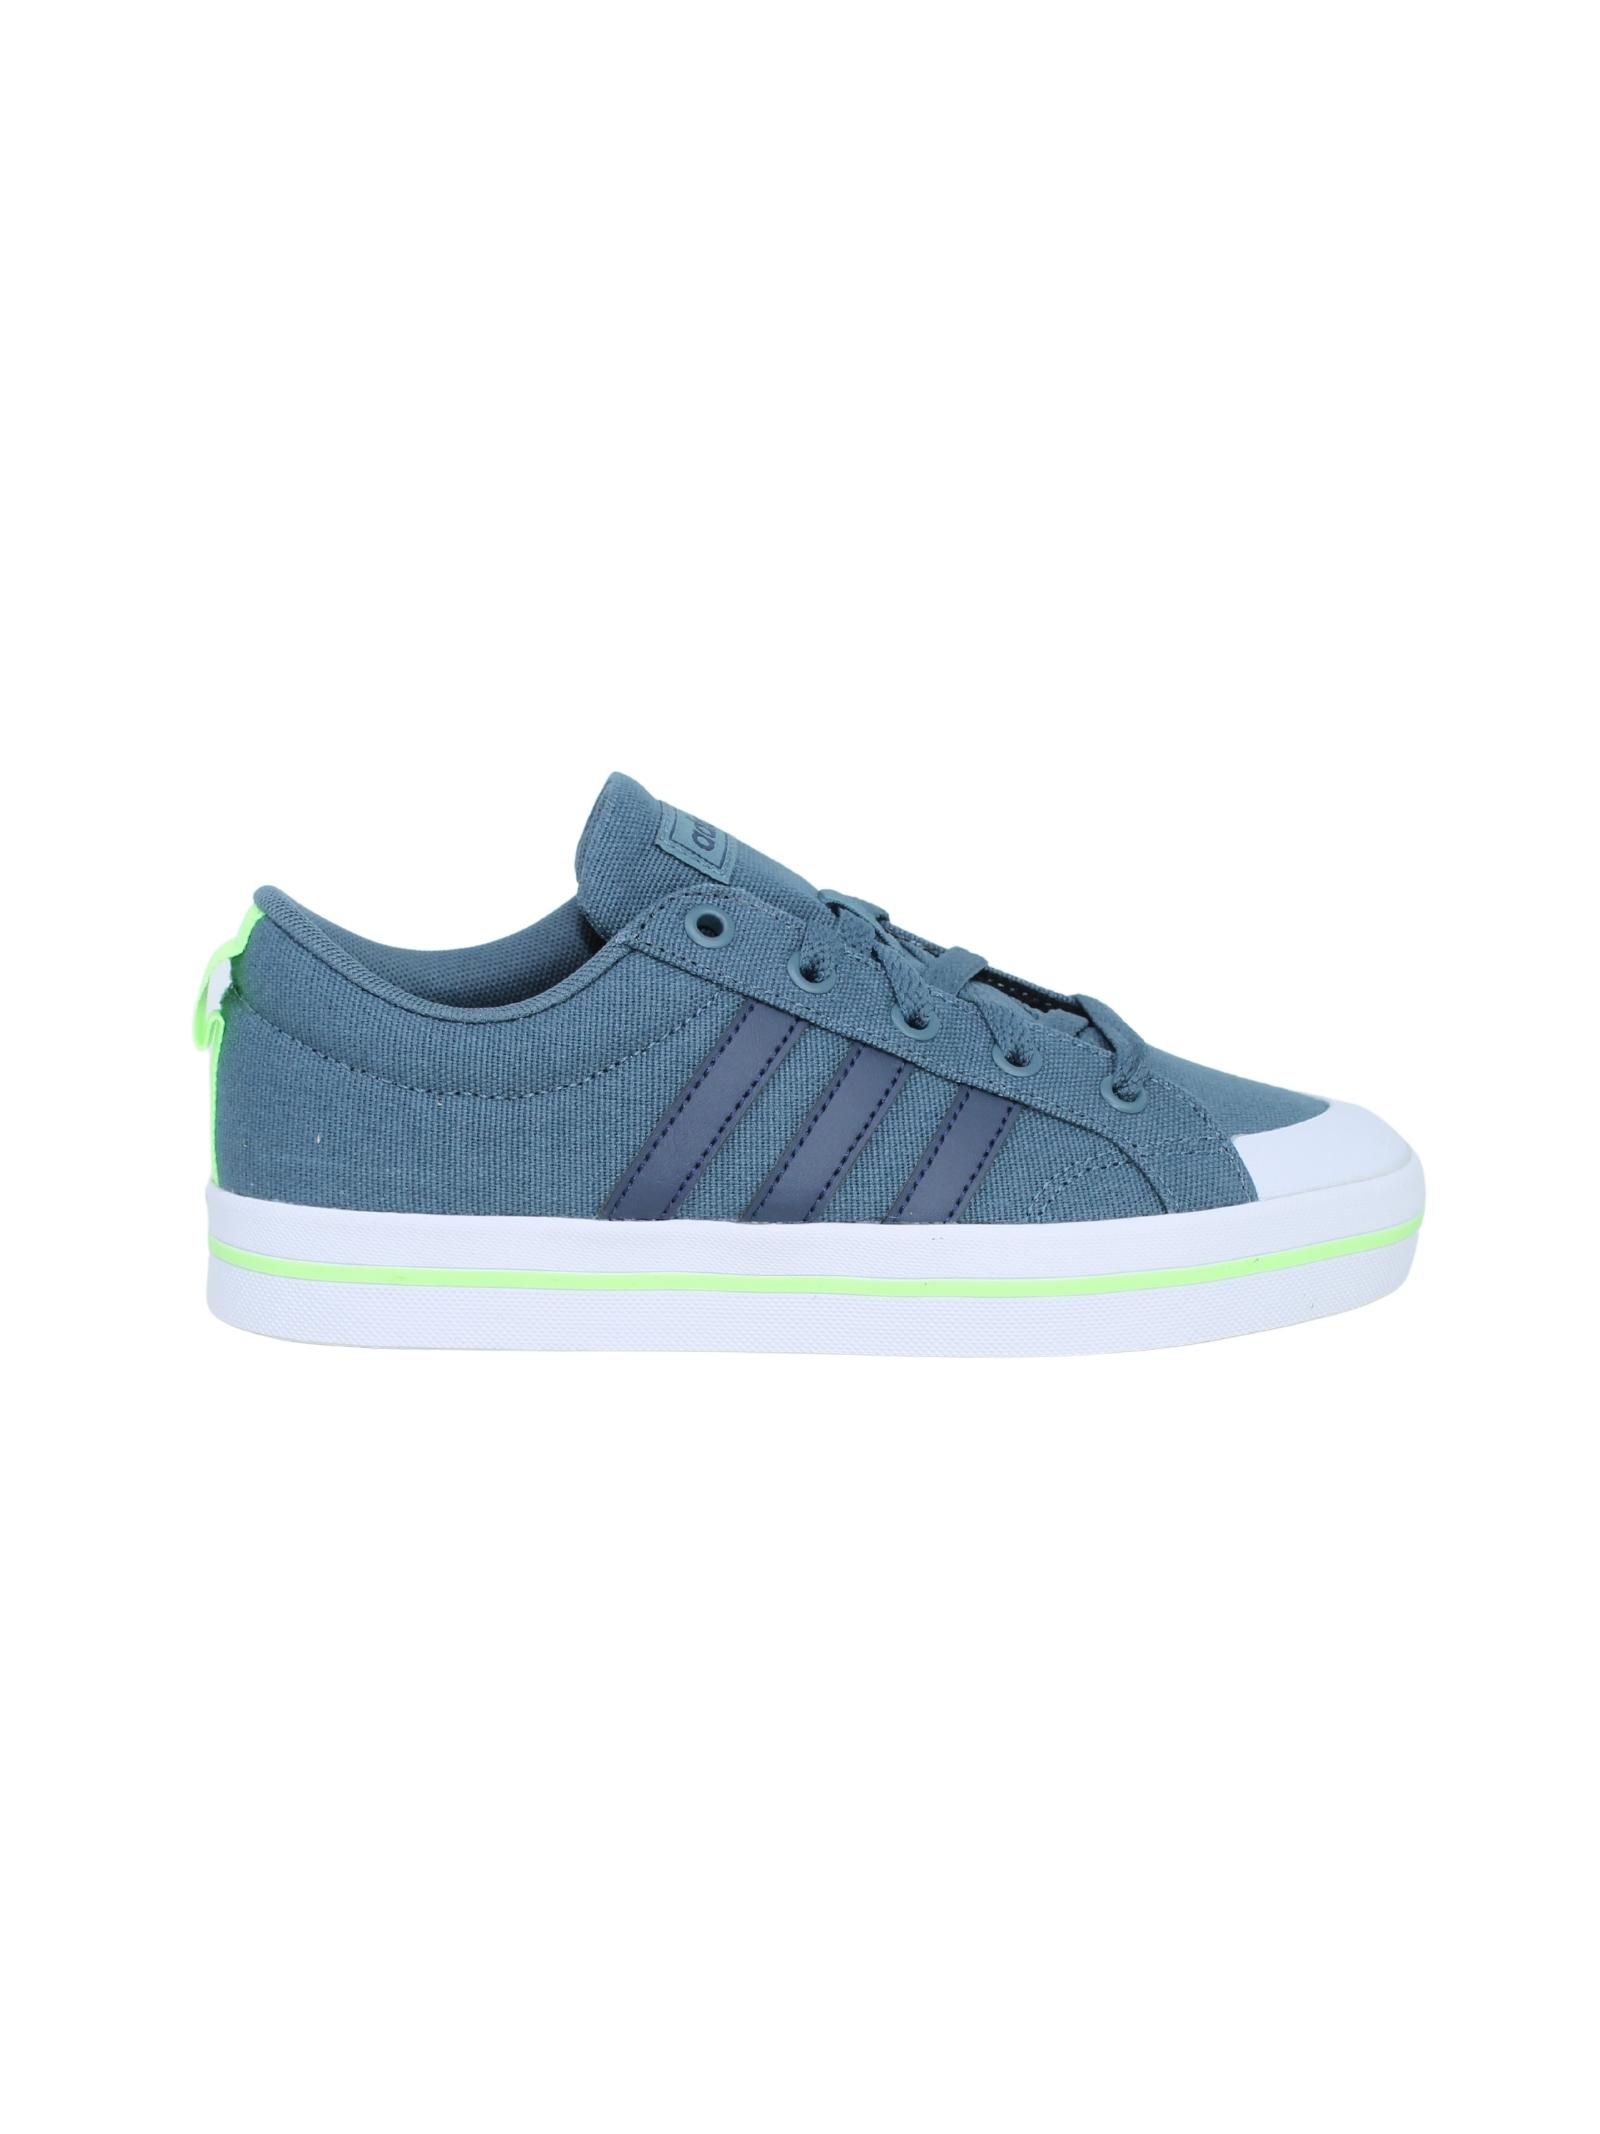 Sneakers Bambino Bravada K ADIDAS JUNIOR | Sneakers | FW3188BLU